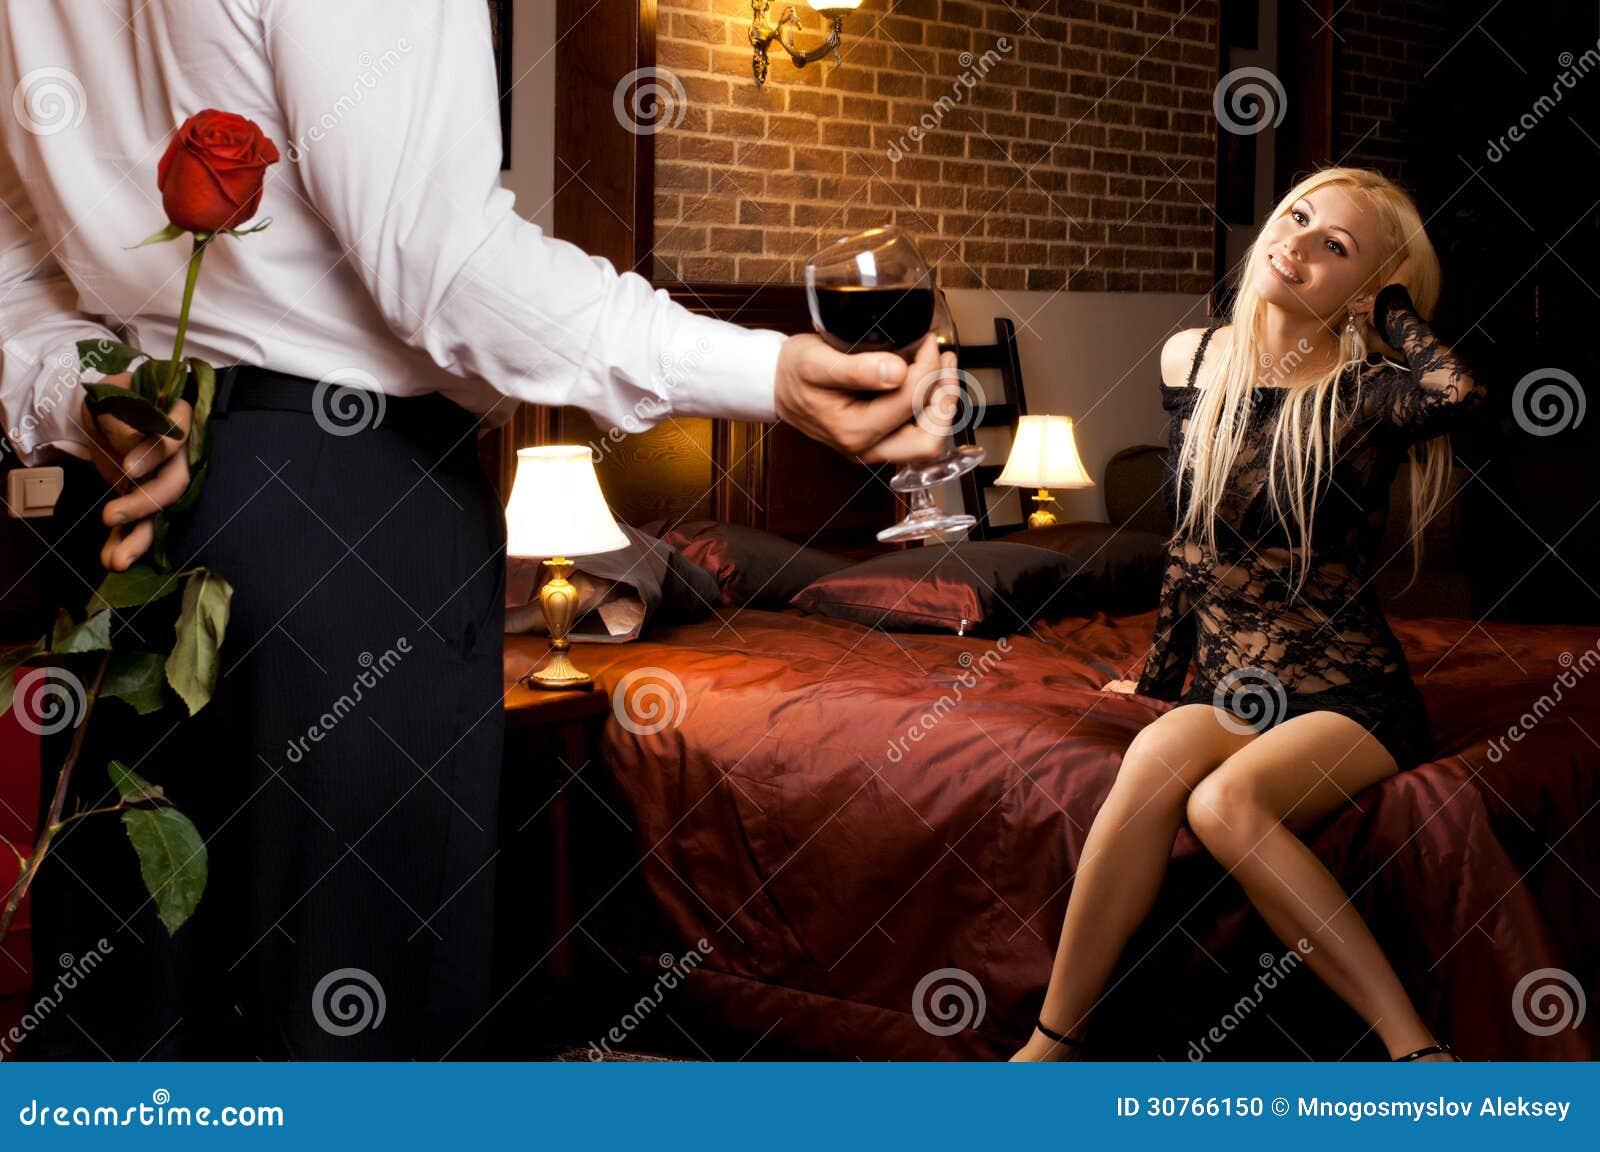 Romantic date sex